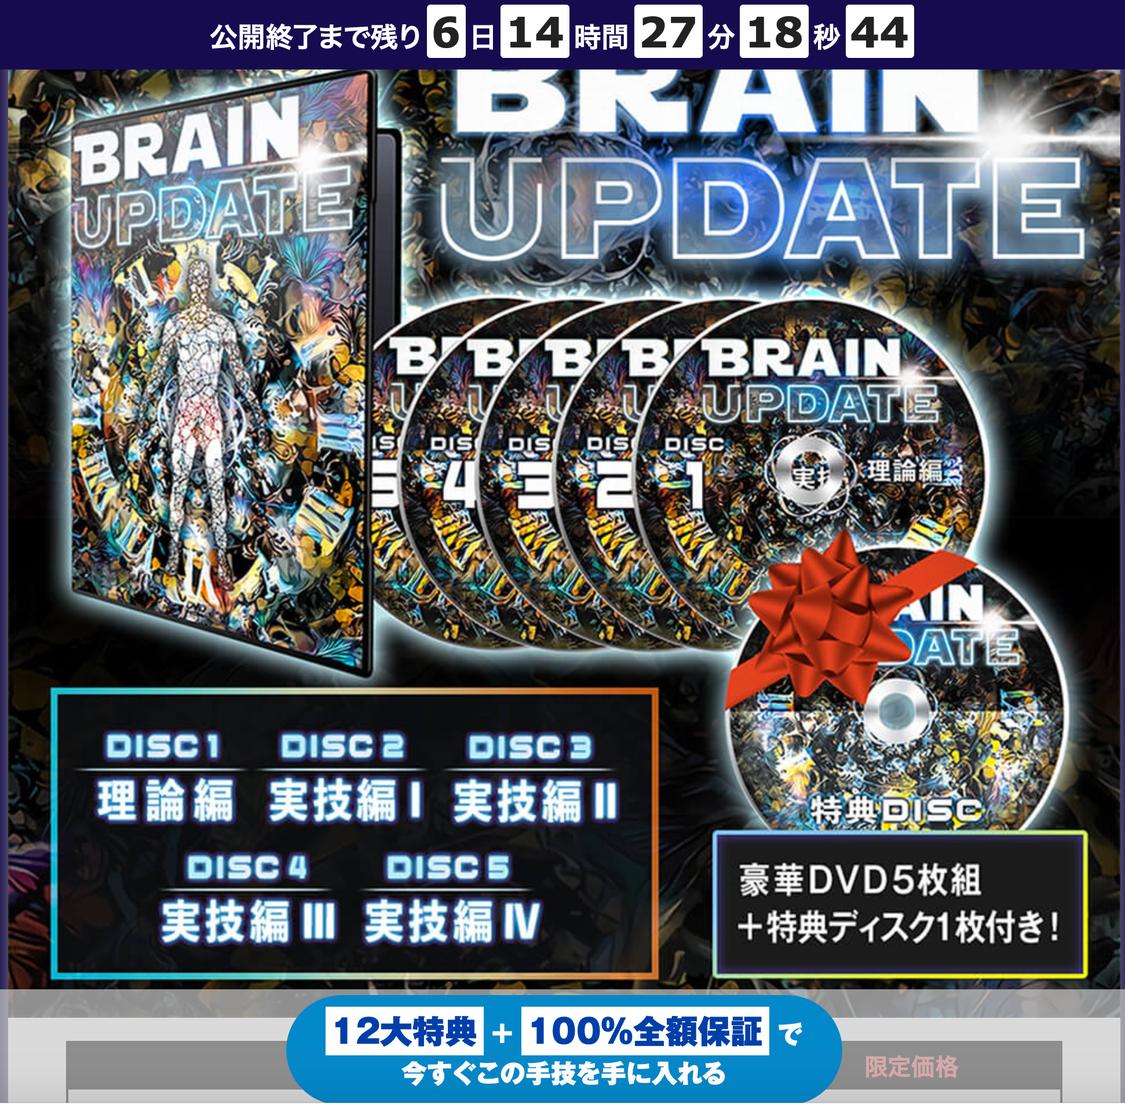 """いよいよ本日""""真の根本療法"""" 『Brain Update』の全貌を公開します!の記事より"""